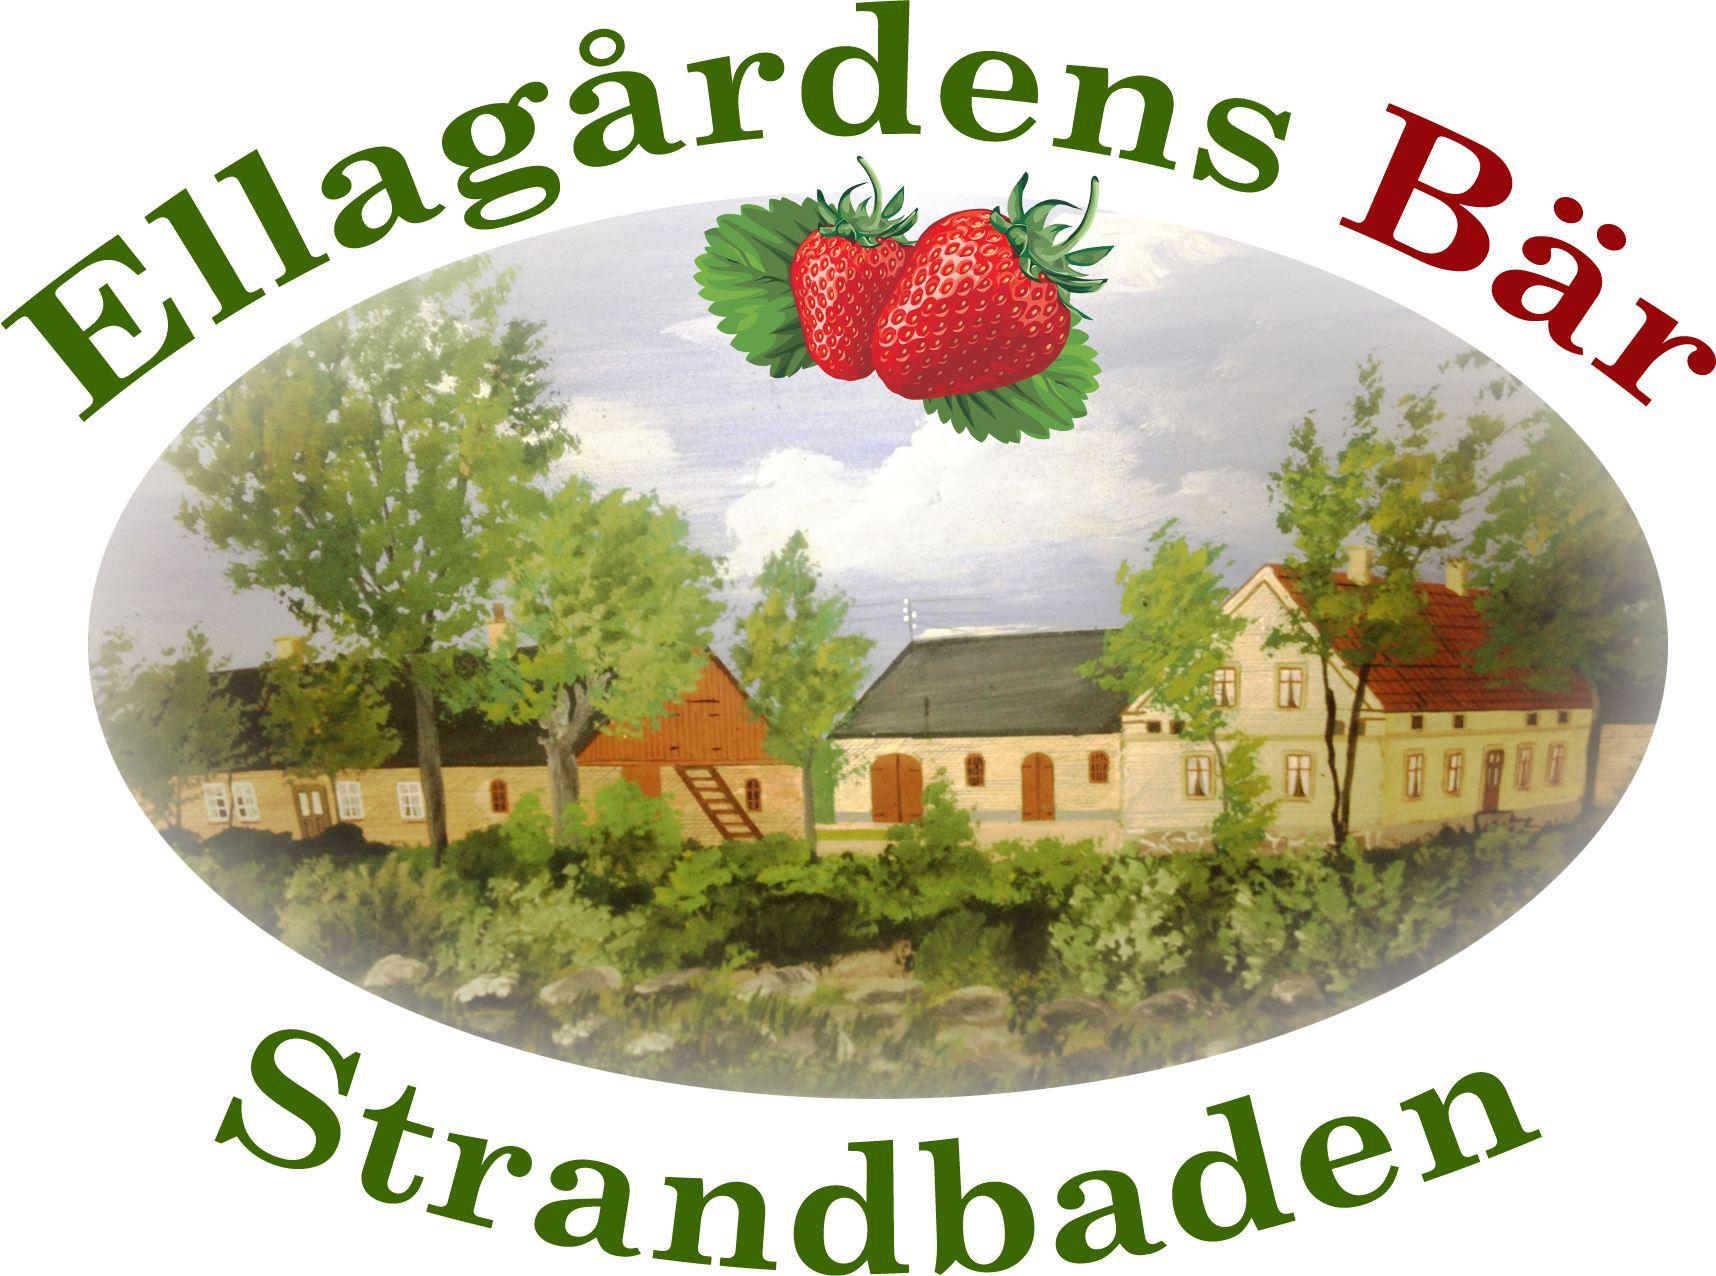 Ellagårdens Bär